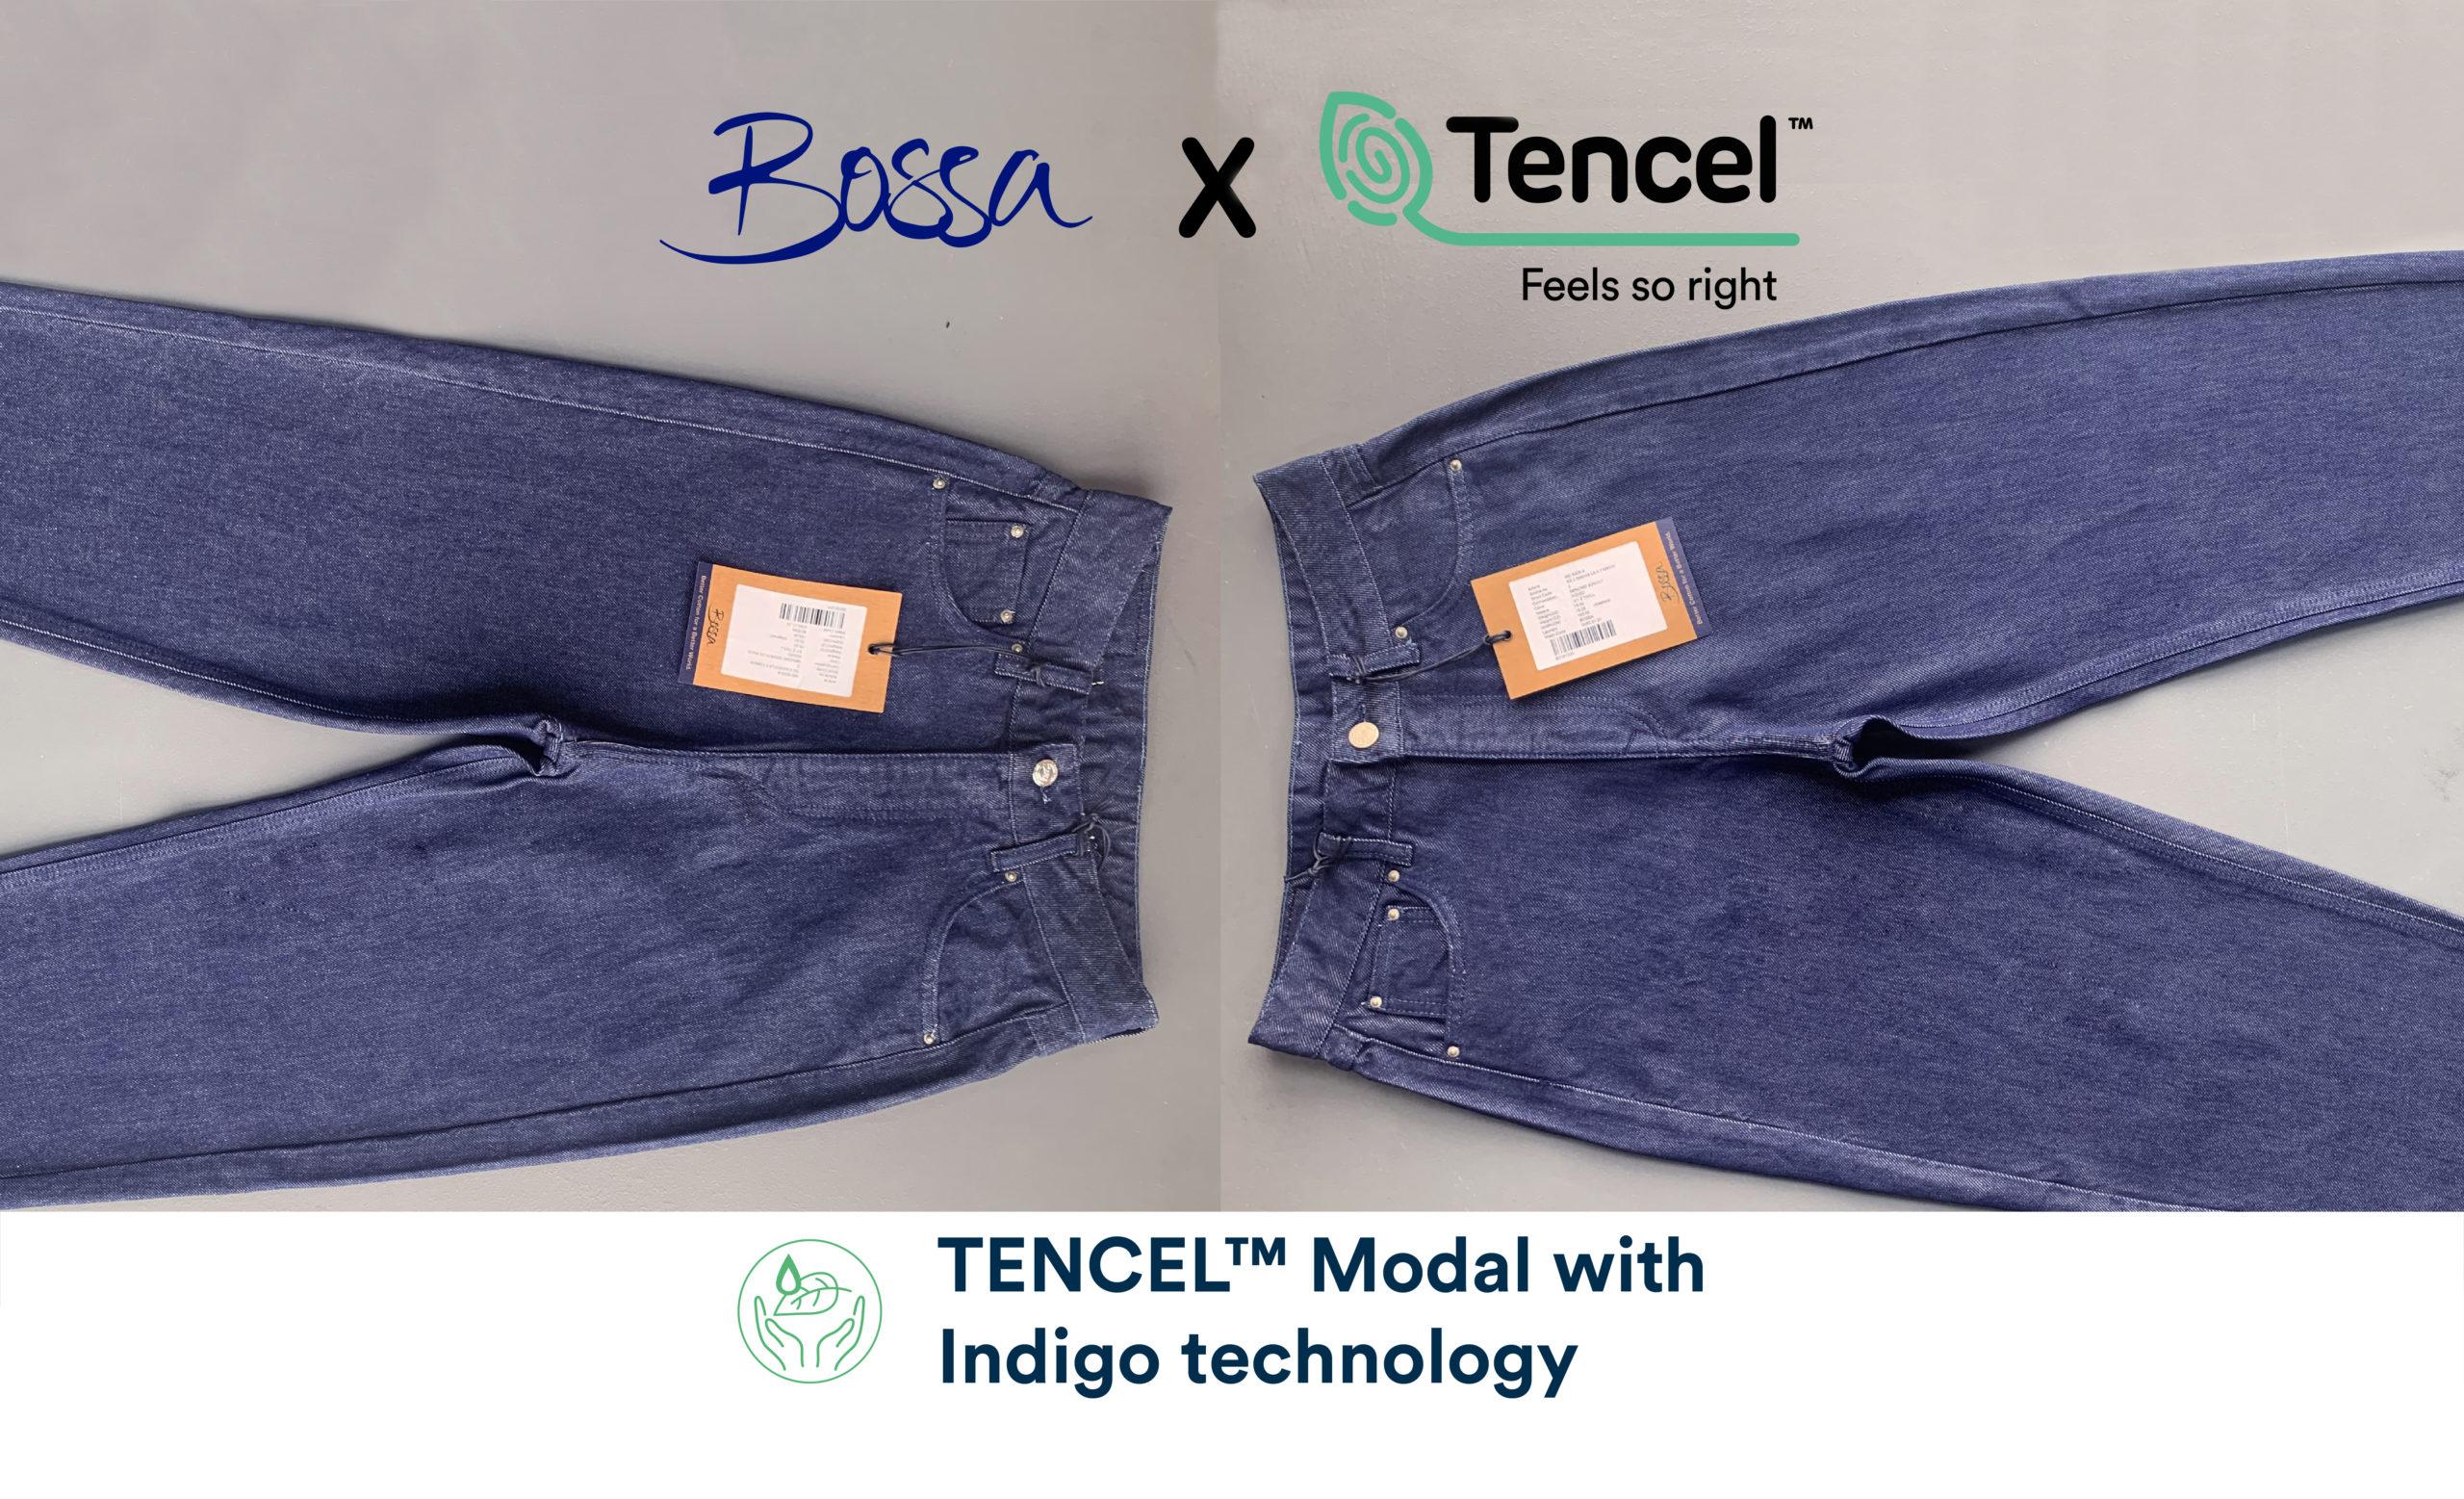 Tencel Modal with Indigo Color technology Bossa